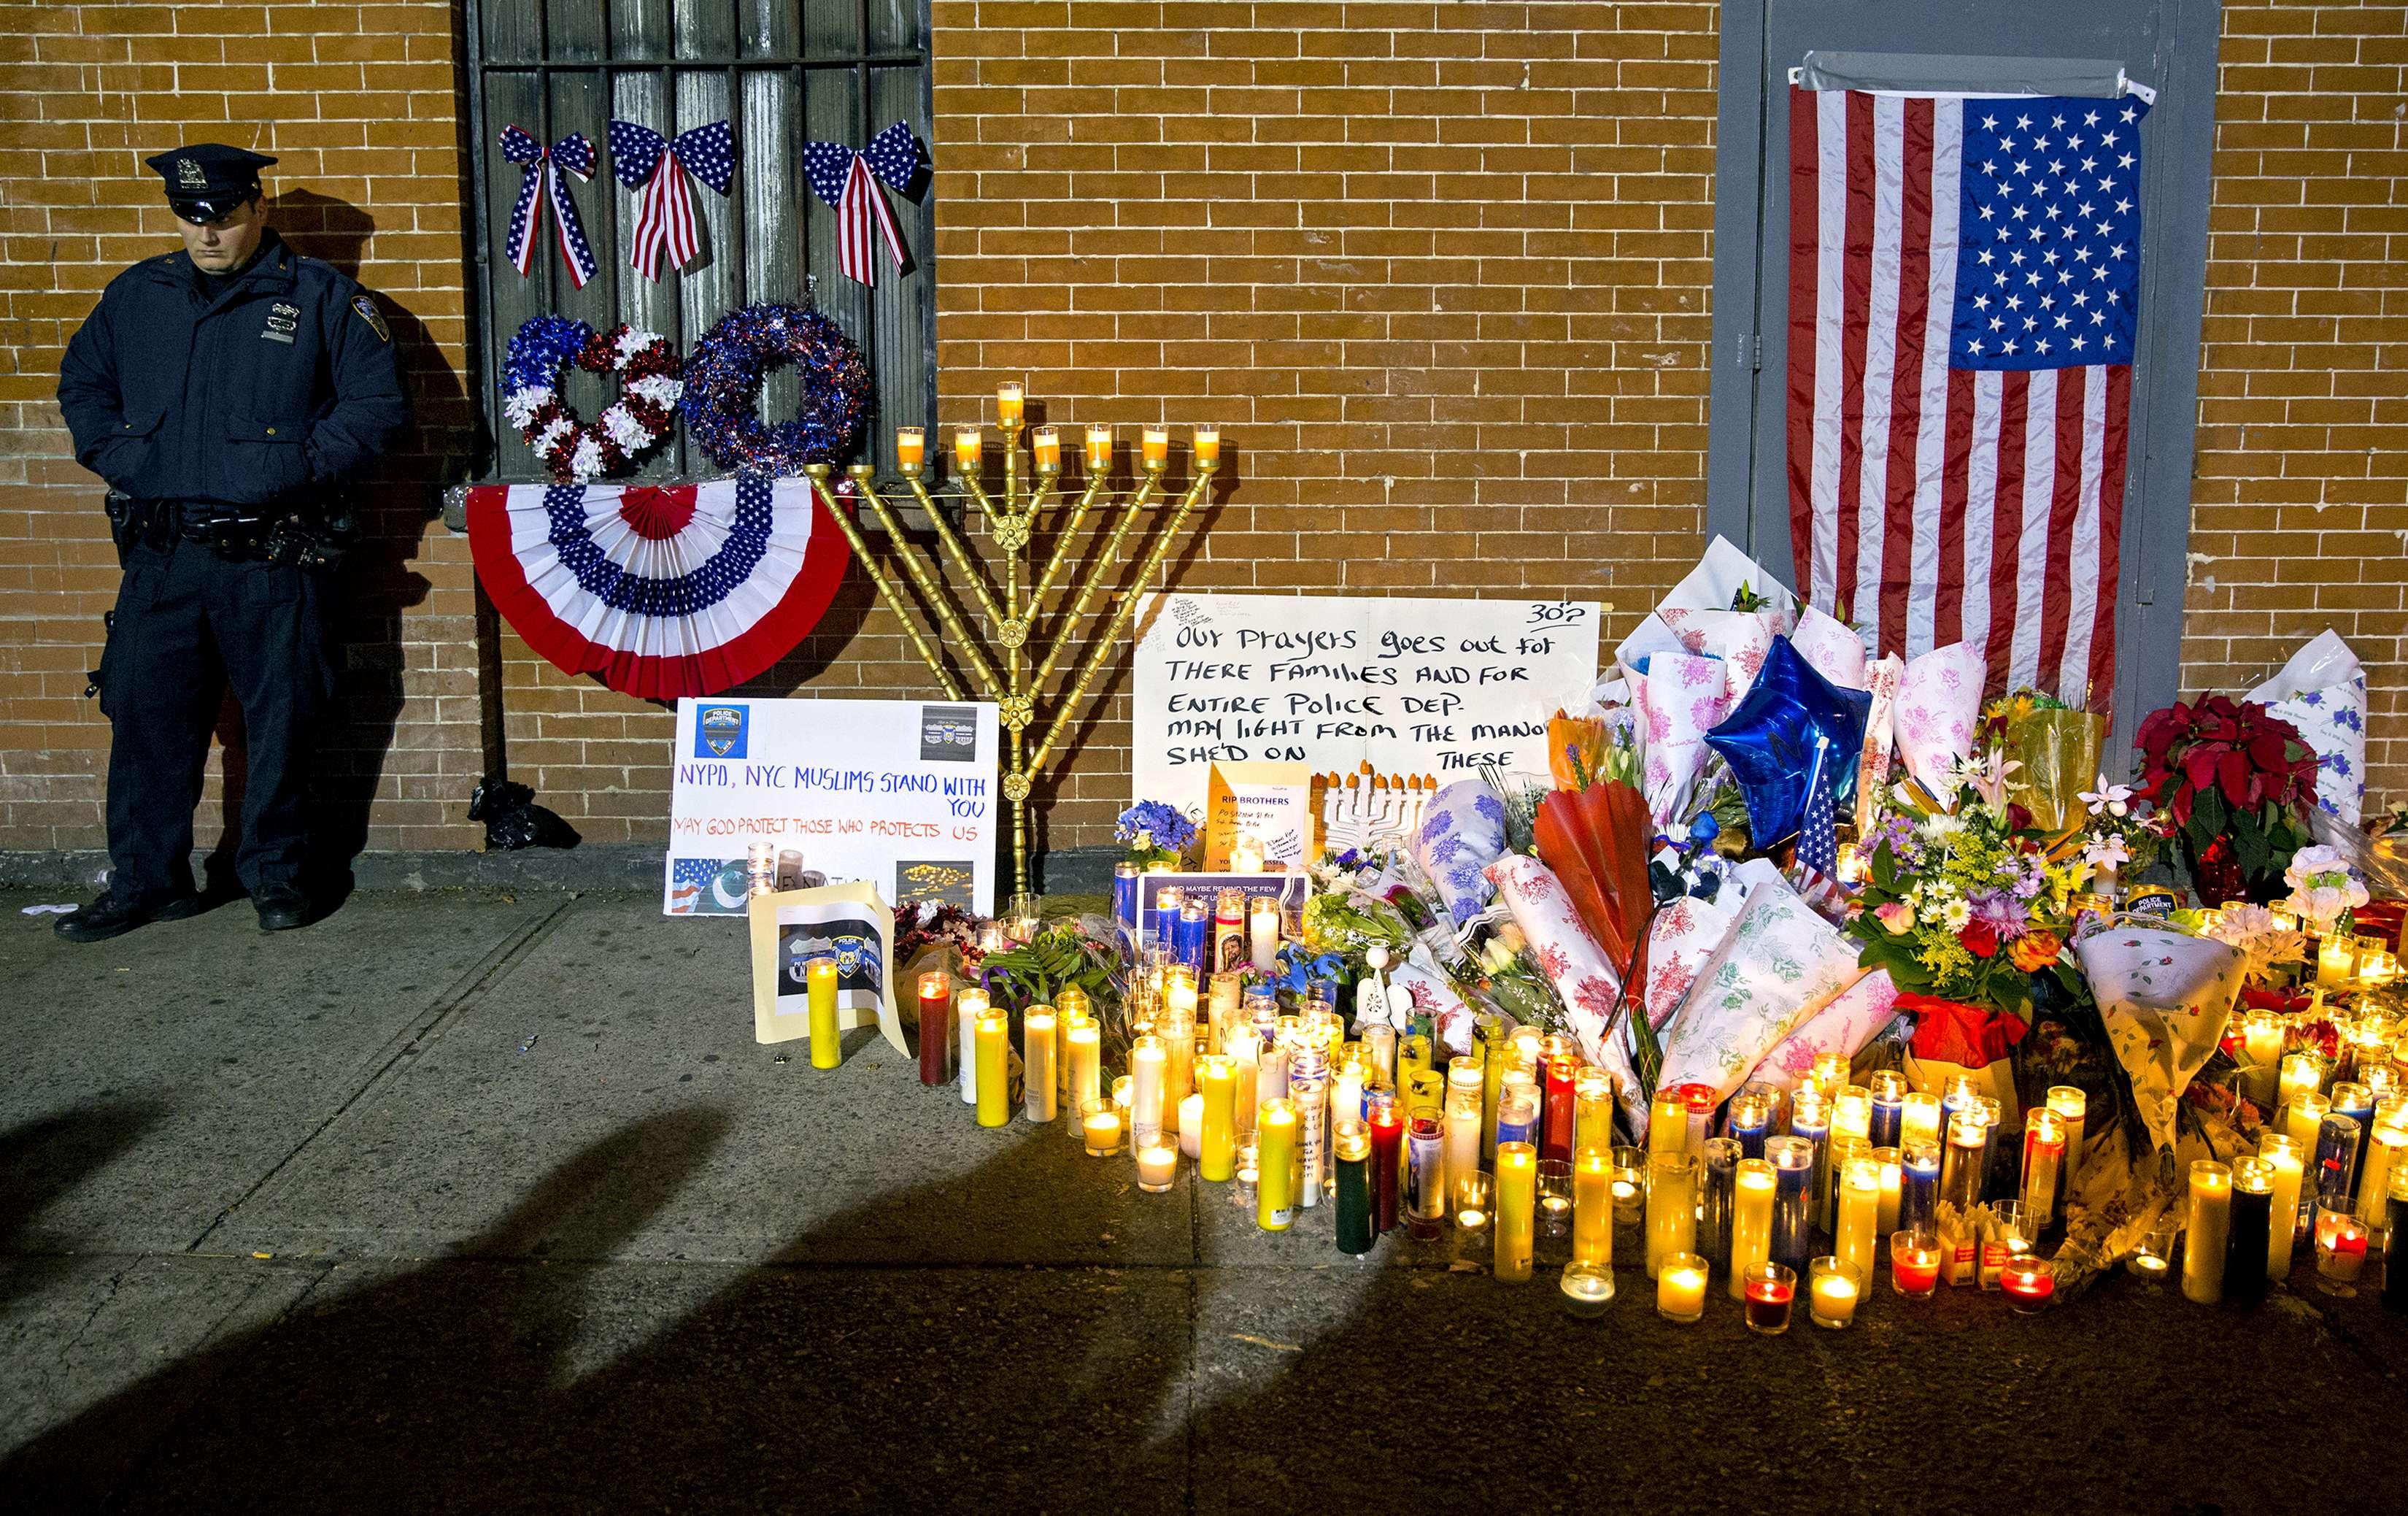 Un agente de la policía de Nueva York de pie junto a un punto donde la gente comenzó a depositar banderas, velas, mensajes y flores cerca del punto donde dos policías fueron asesinados el día antes, el 21 de diciembre de 2014. Foto: AP en español